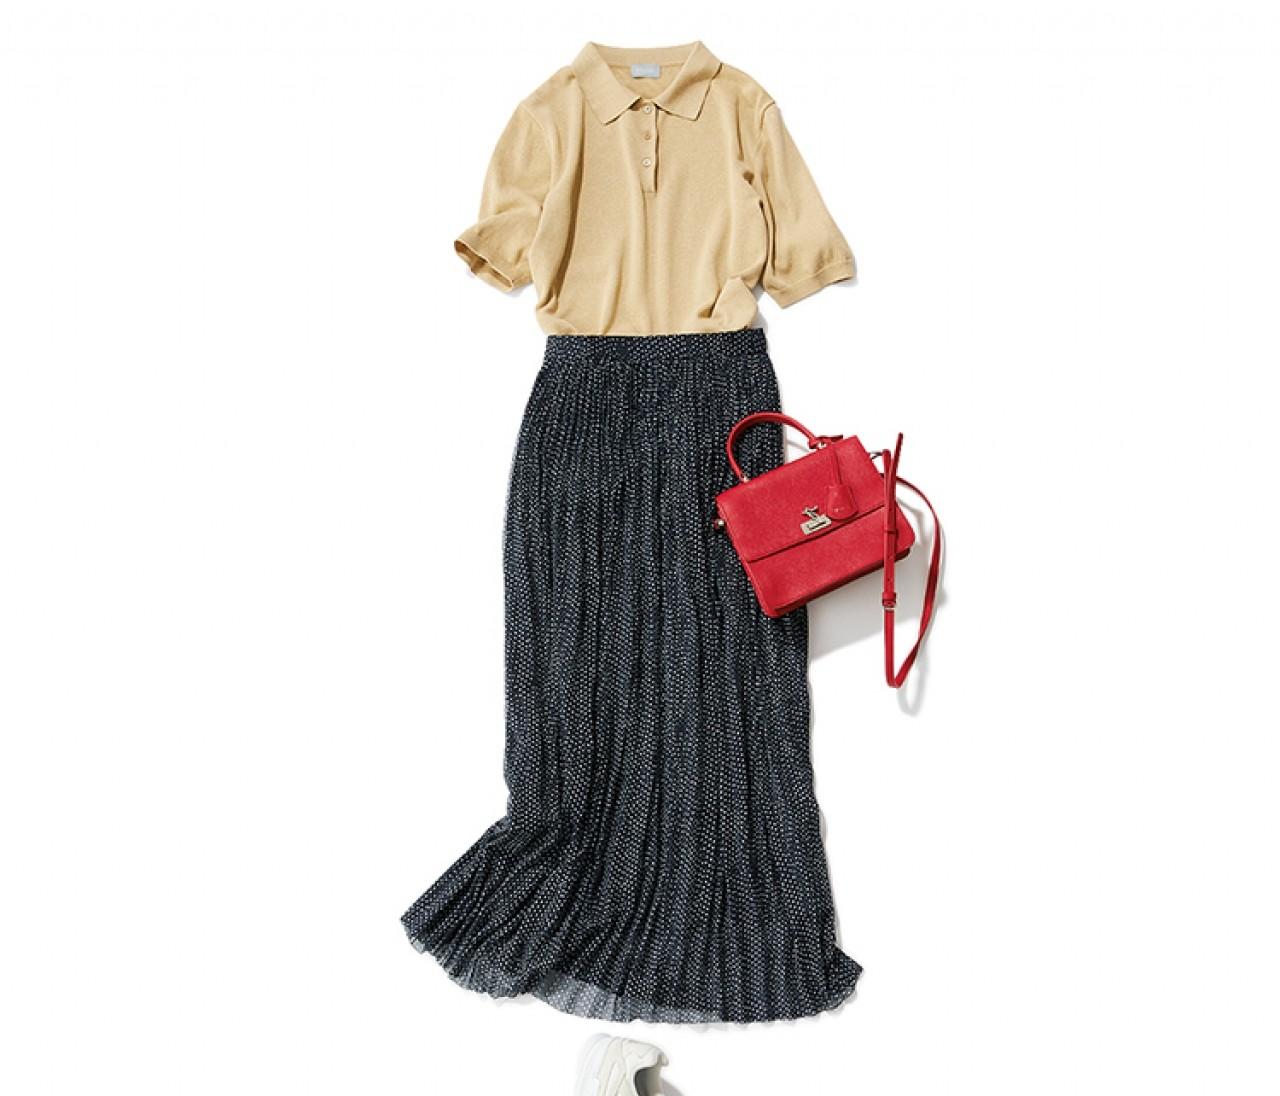 街バーベキューに行く休日は、揺れネイビースカートの愛されカジュアルスタイル【2019/7/14のコーデ】